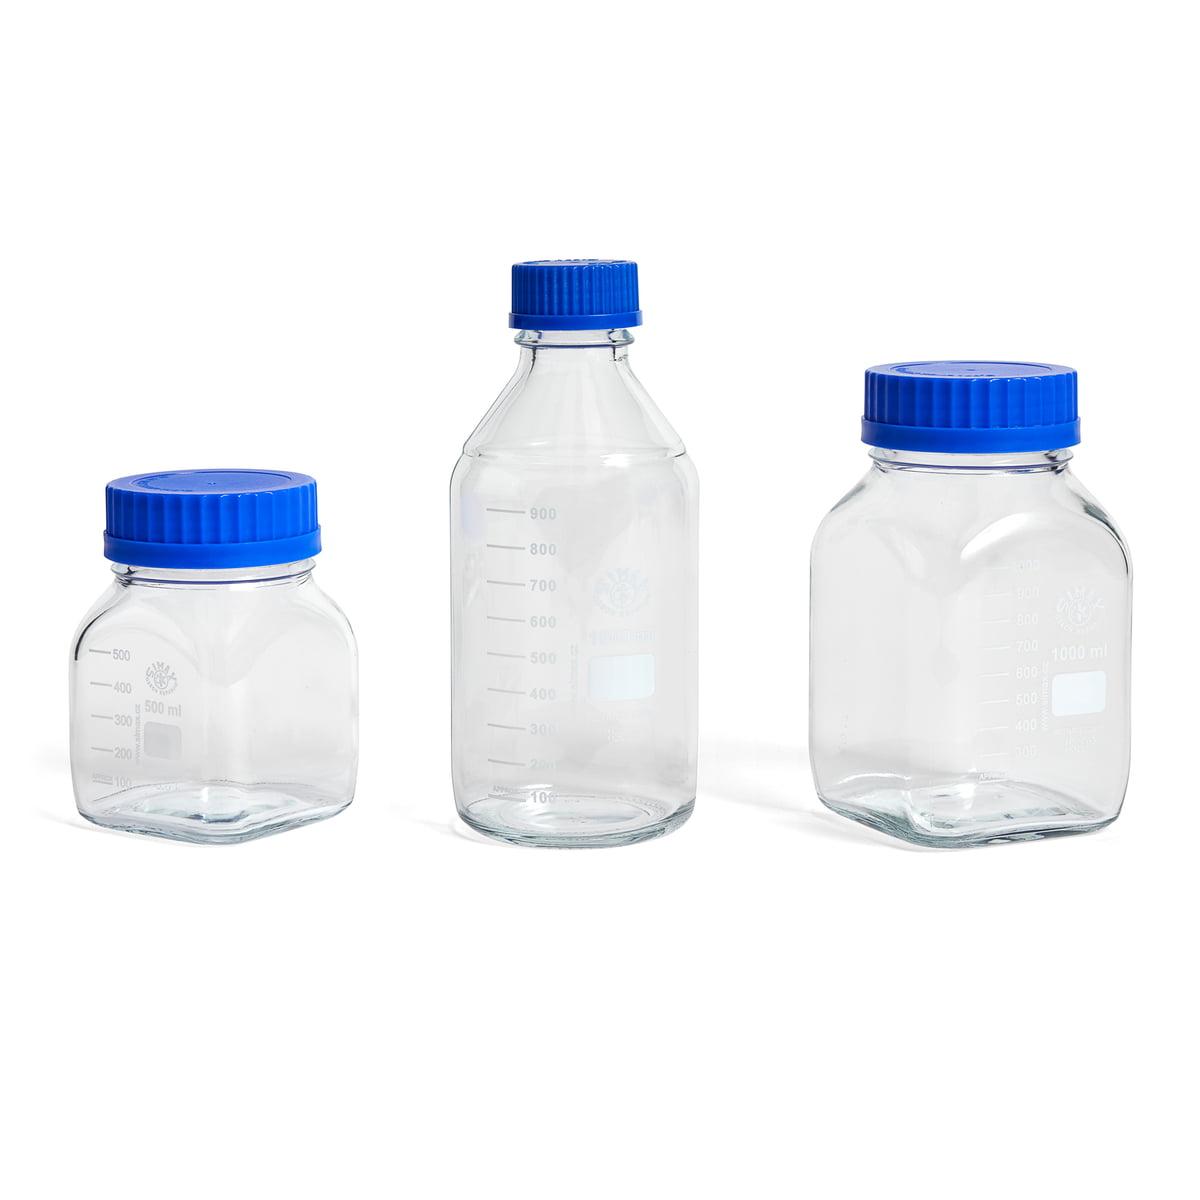 Hay – Laboratory Glass med låg, M, firkantetblå